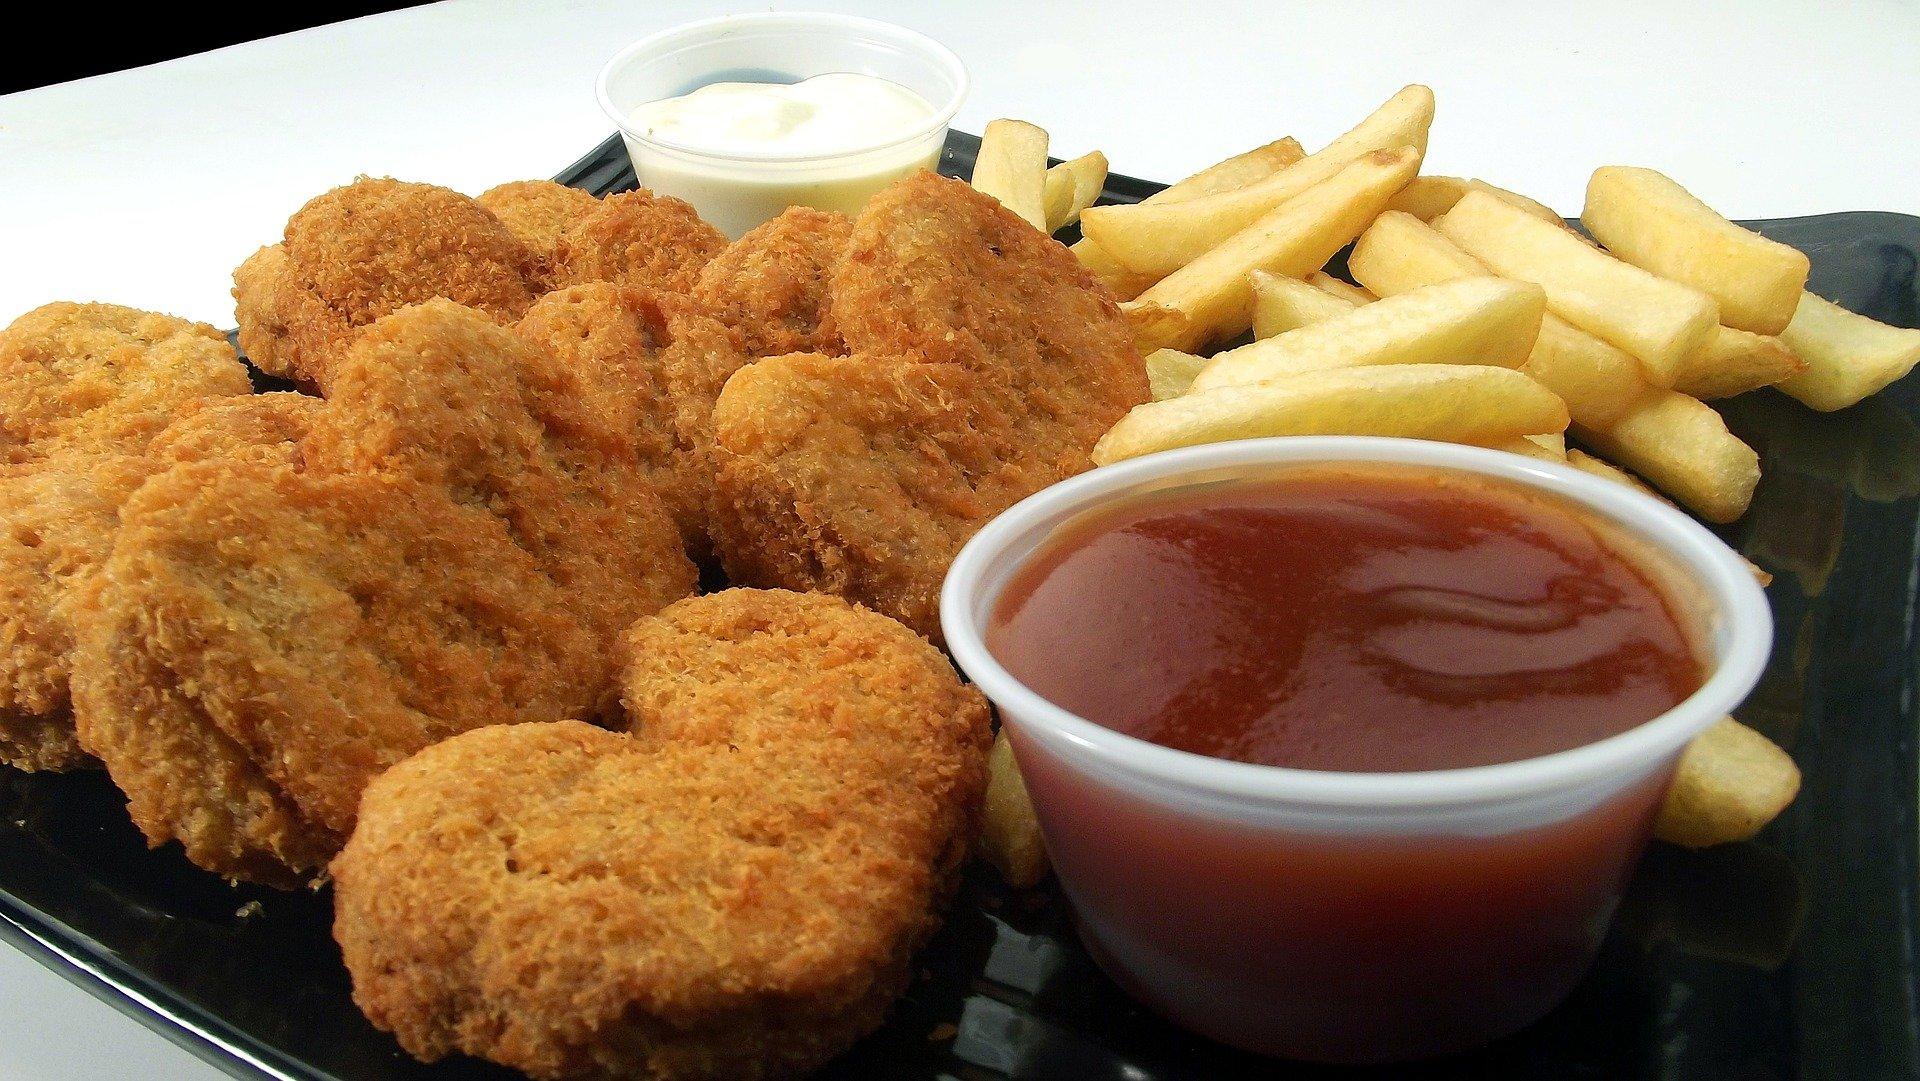 chicken-nuggets-246180_1920